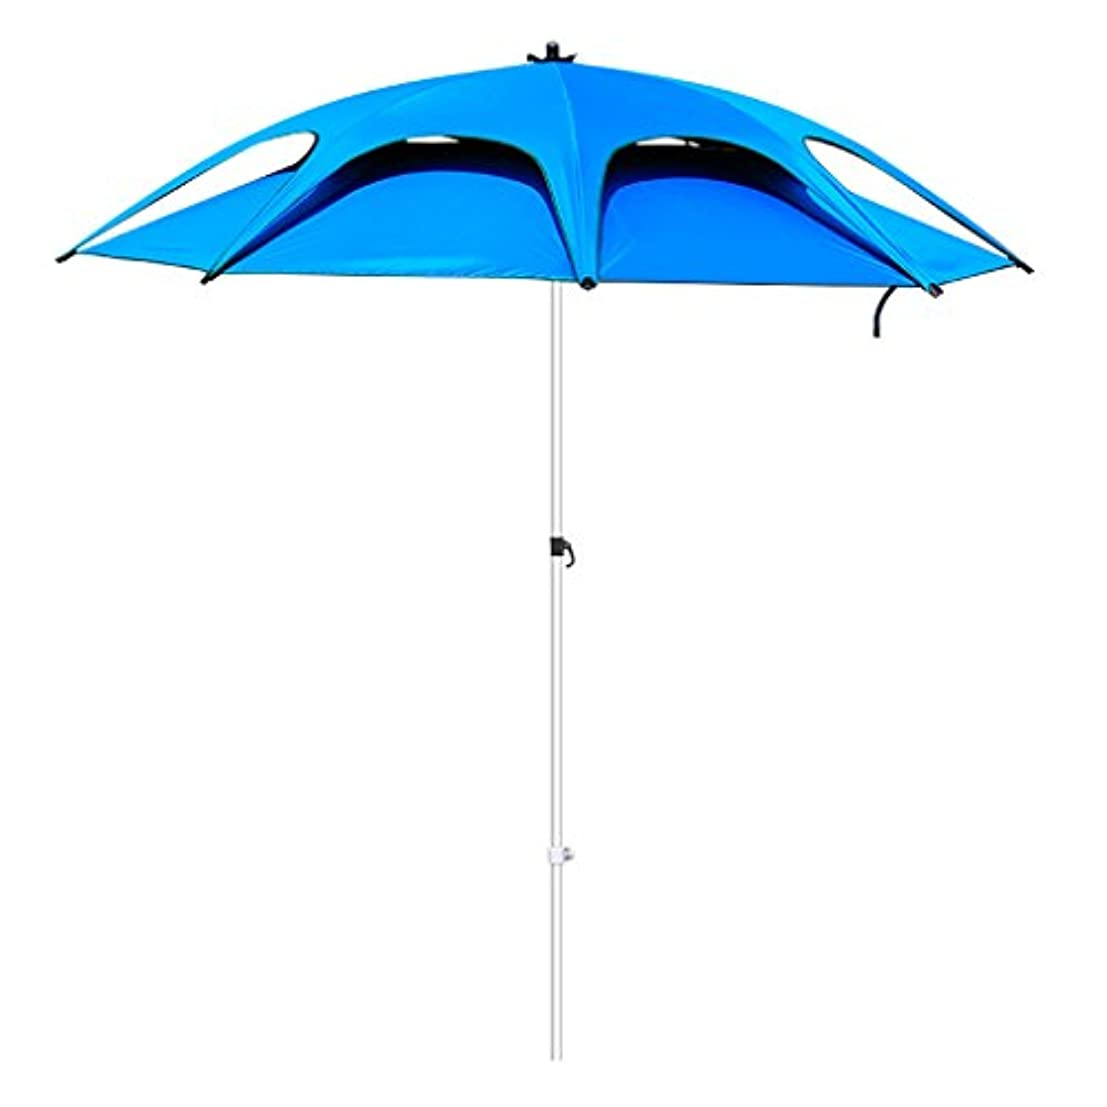 レンチキャメル寛解LSS 屋外アンブレラ|釣り傘|傘|釣り傘| 2.4メートルギャップのダブルベンドアウトドアフィッシング傘|サンUmbrellas |防水釣り用品|アウトドアフィッシングギア|通気性のダブル傘 (色 : A)